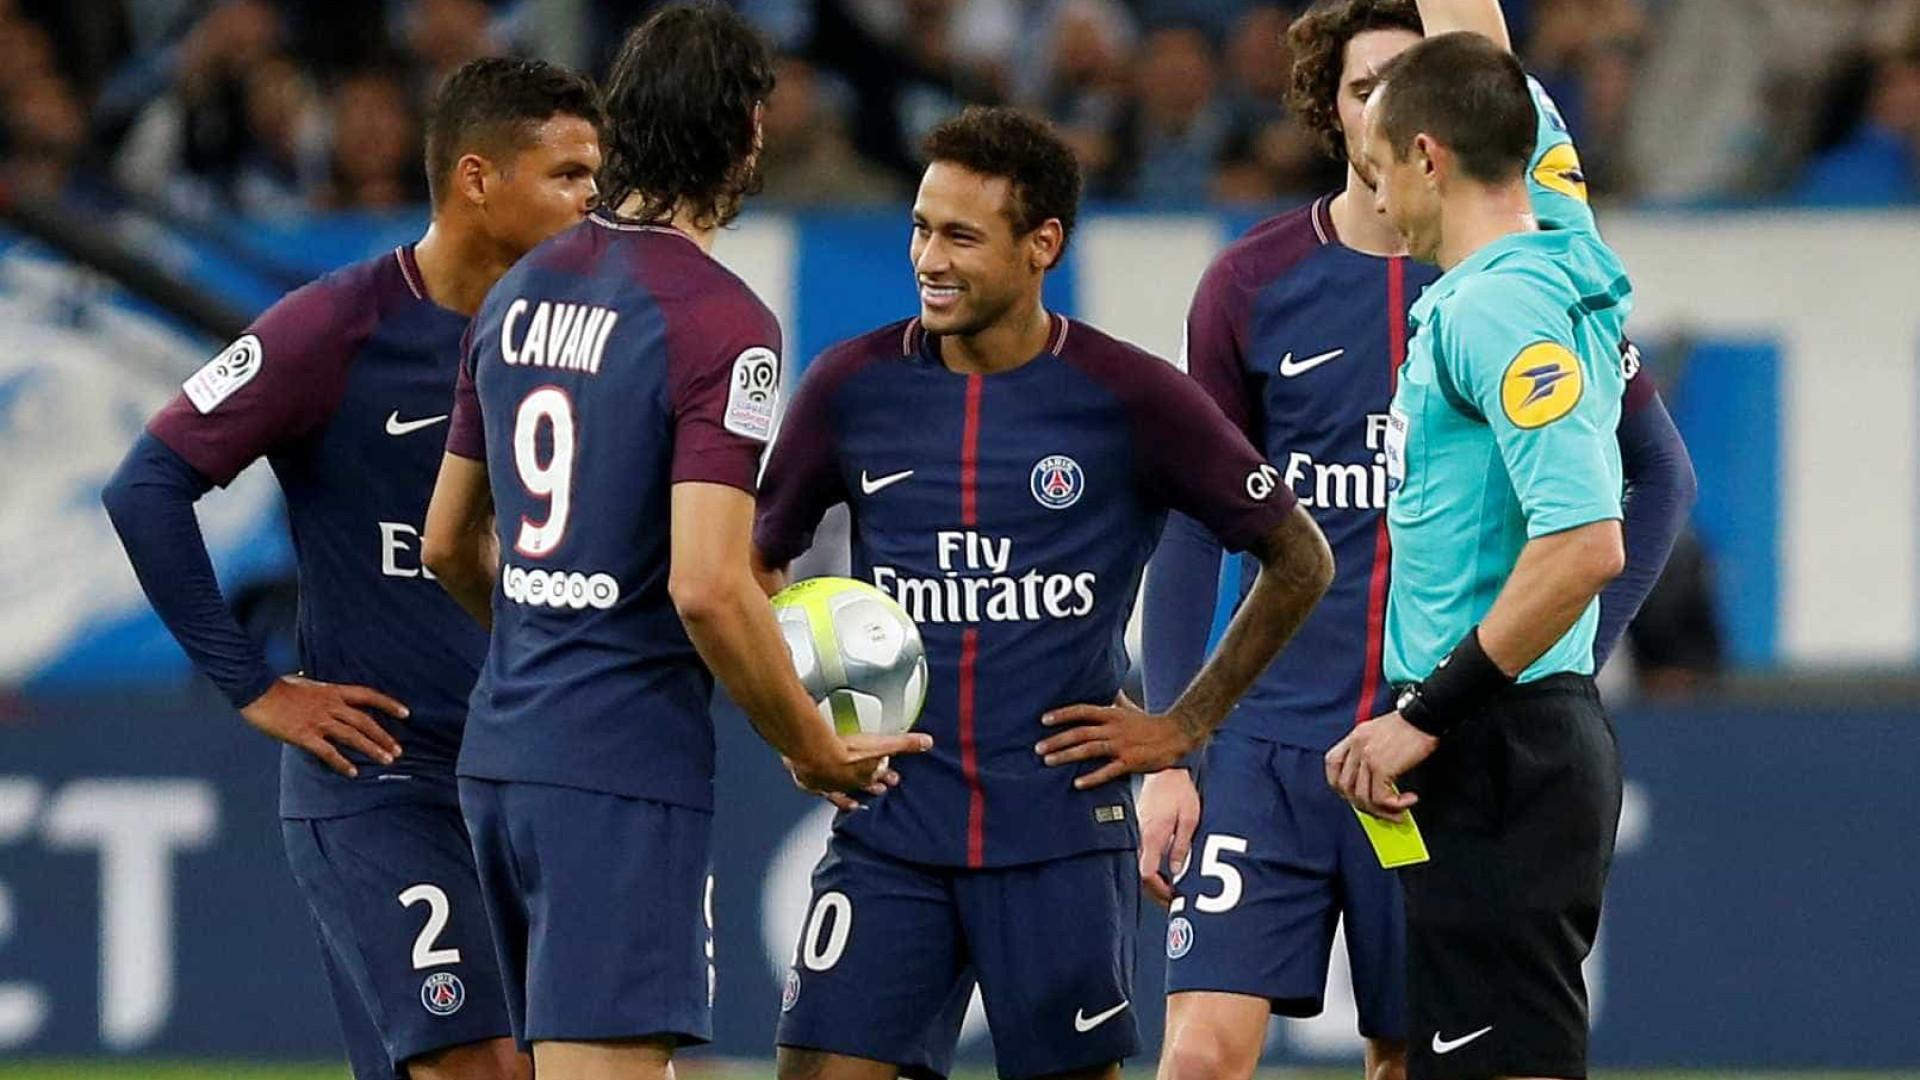 Neymar marca, é expulso, mas Cavani arranca empate e salva o PSG